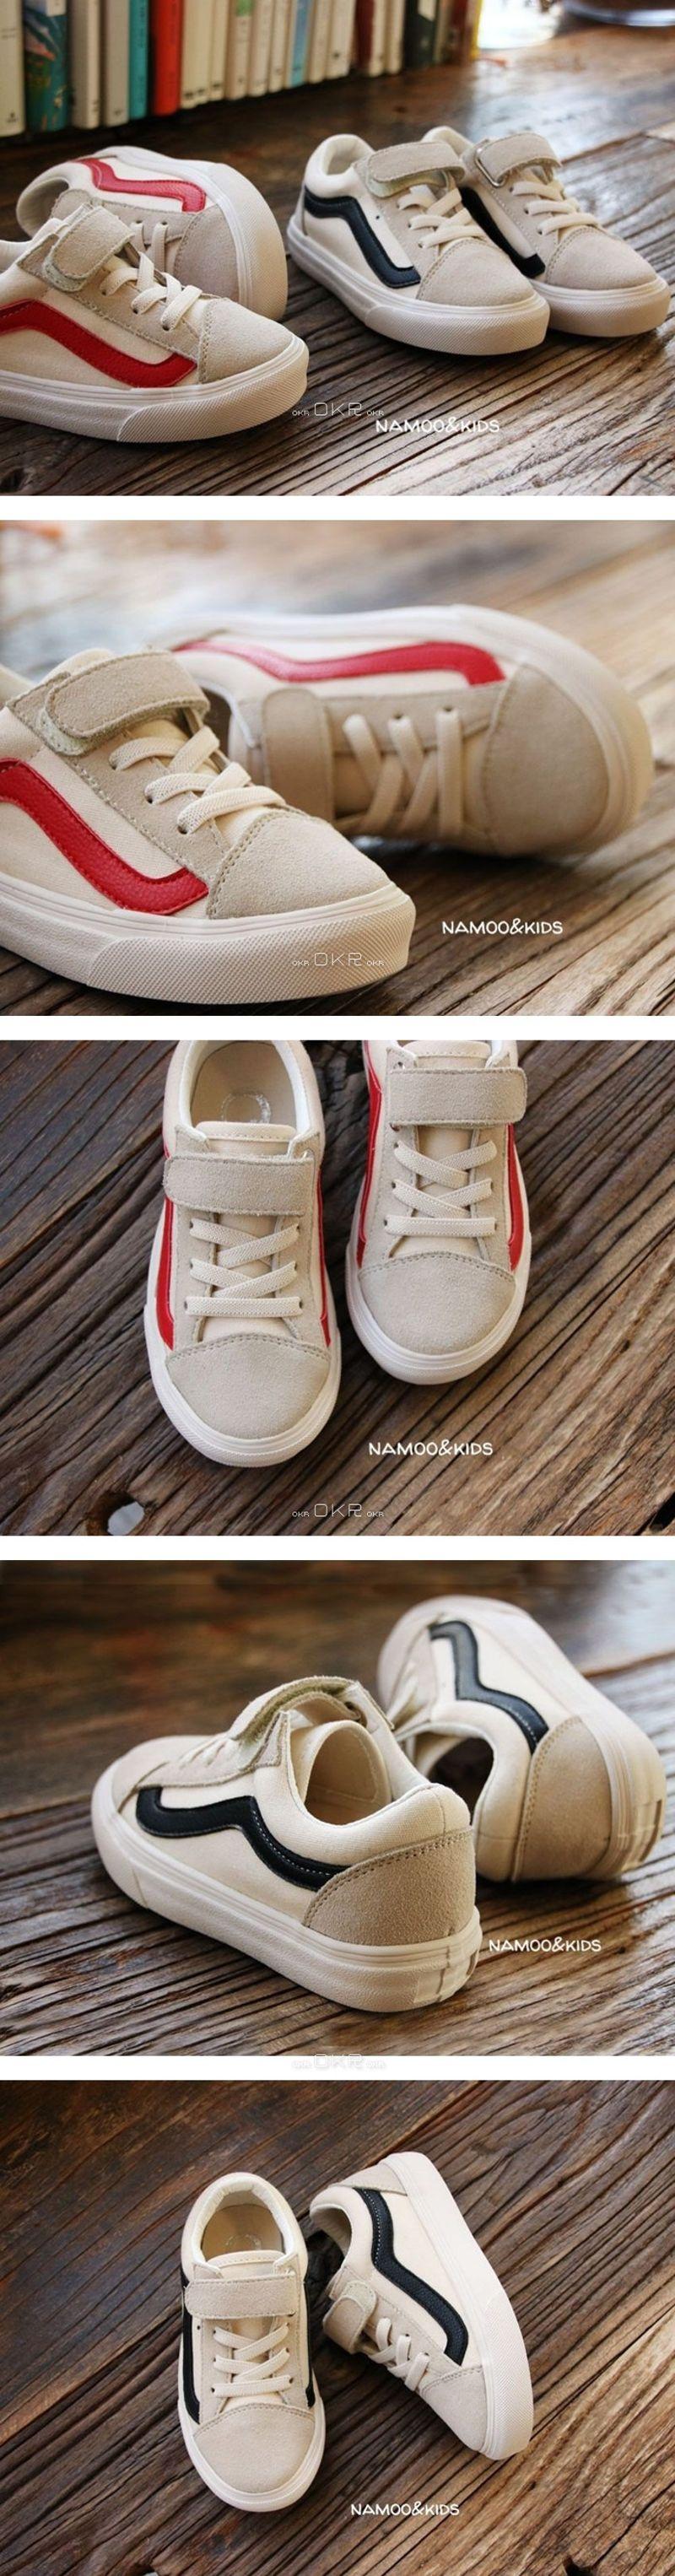 NAMOO & KIDS - Korean Children Fashion - #Kfashion4kids - No27 Sneakers